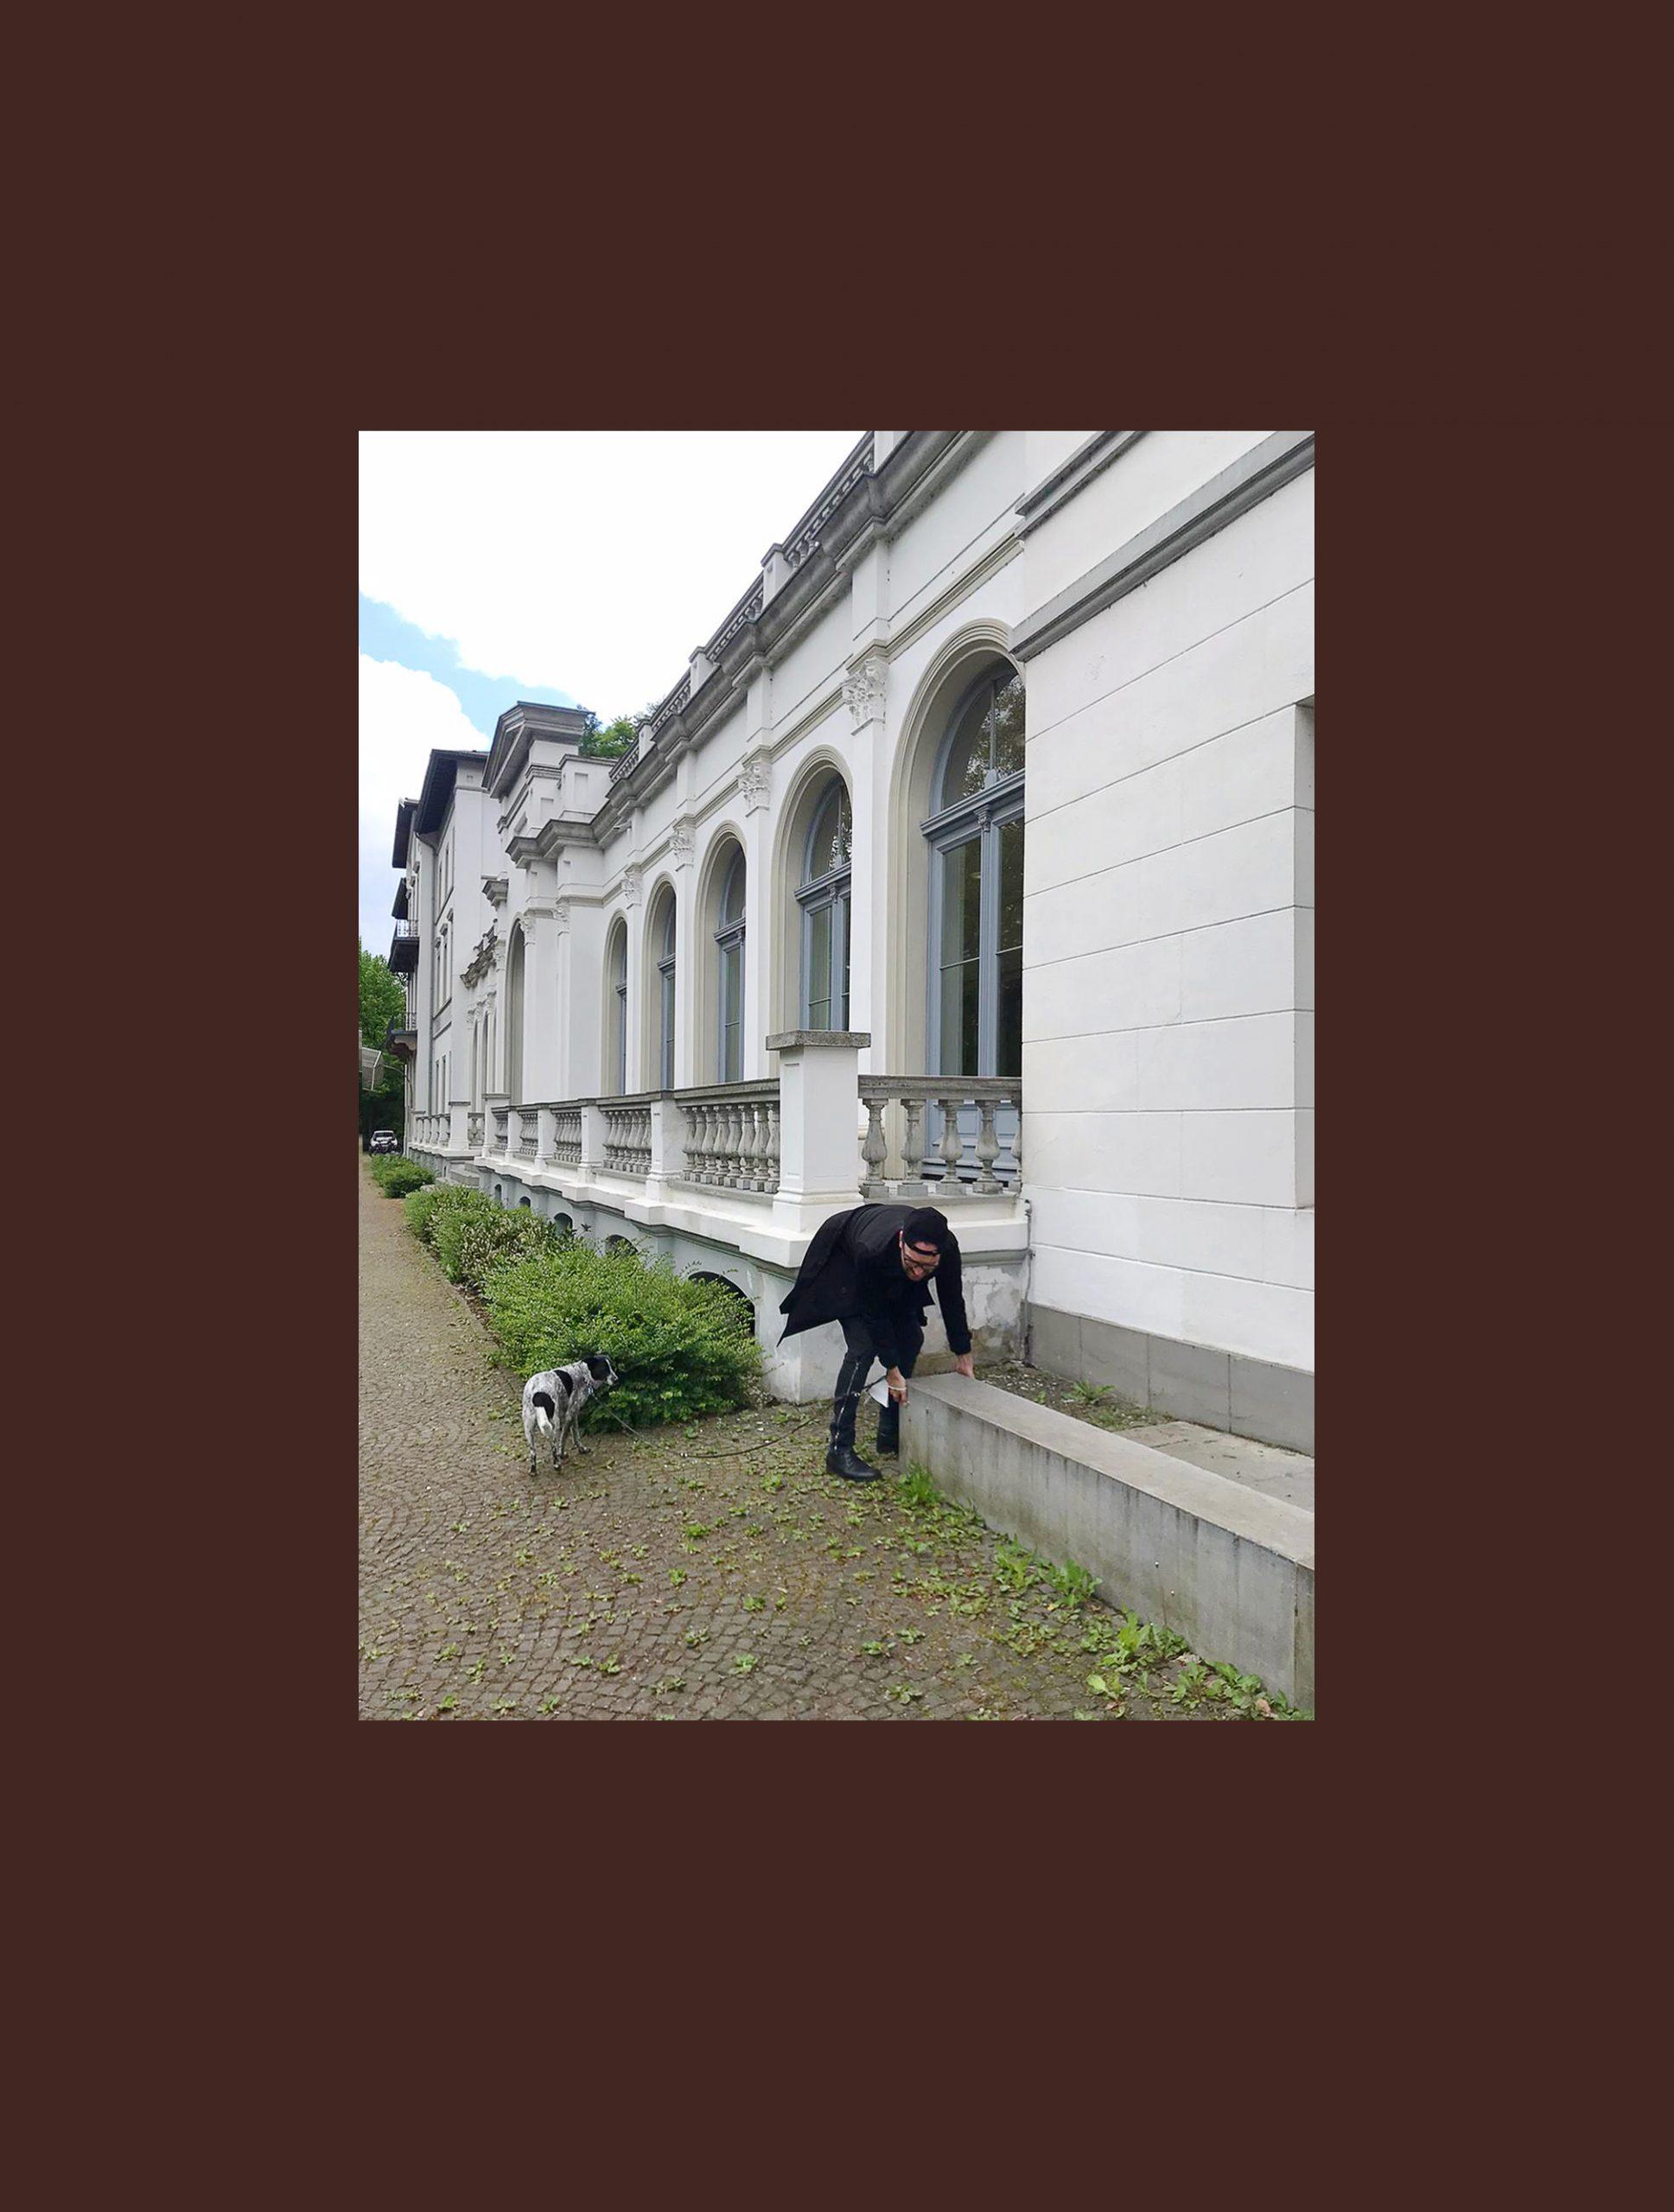 Engenhart verlängert zu Beuys Geburtstag bestehendes Material um 100 Zentimeter in die Zukunft.